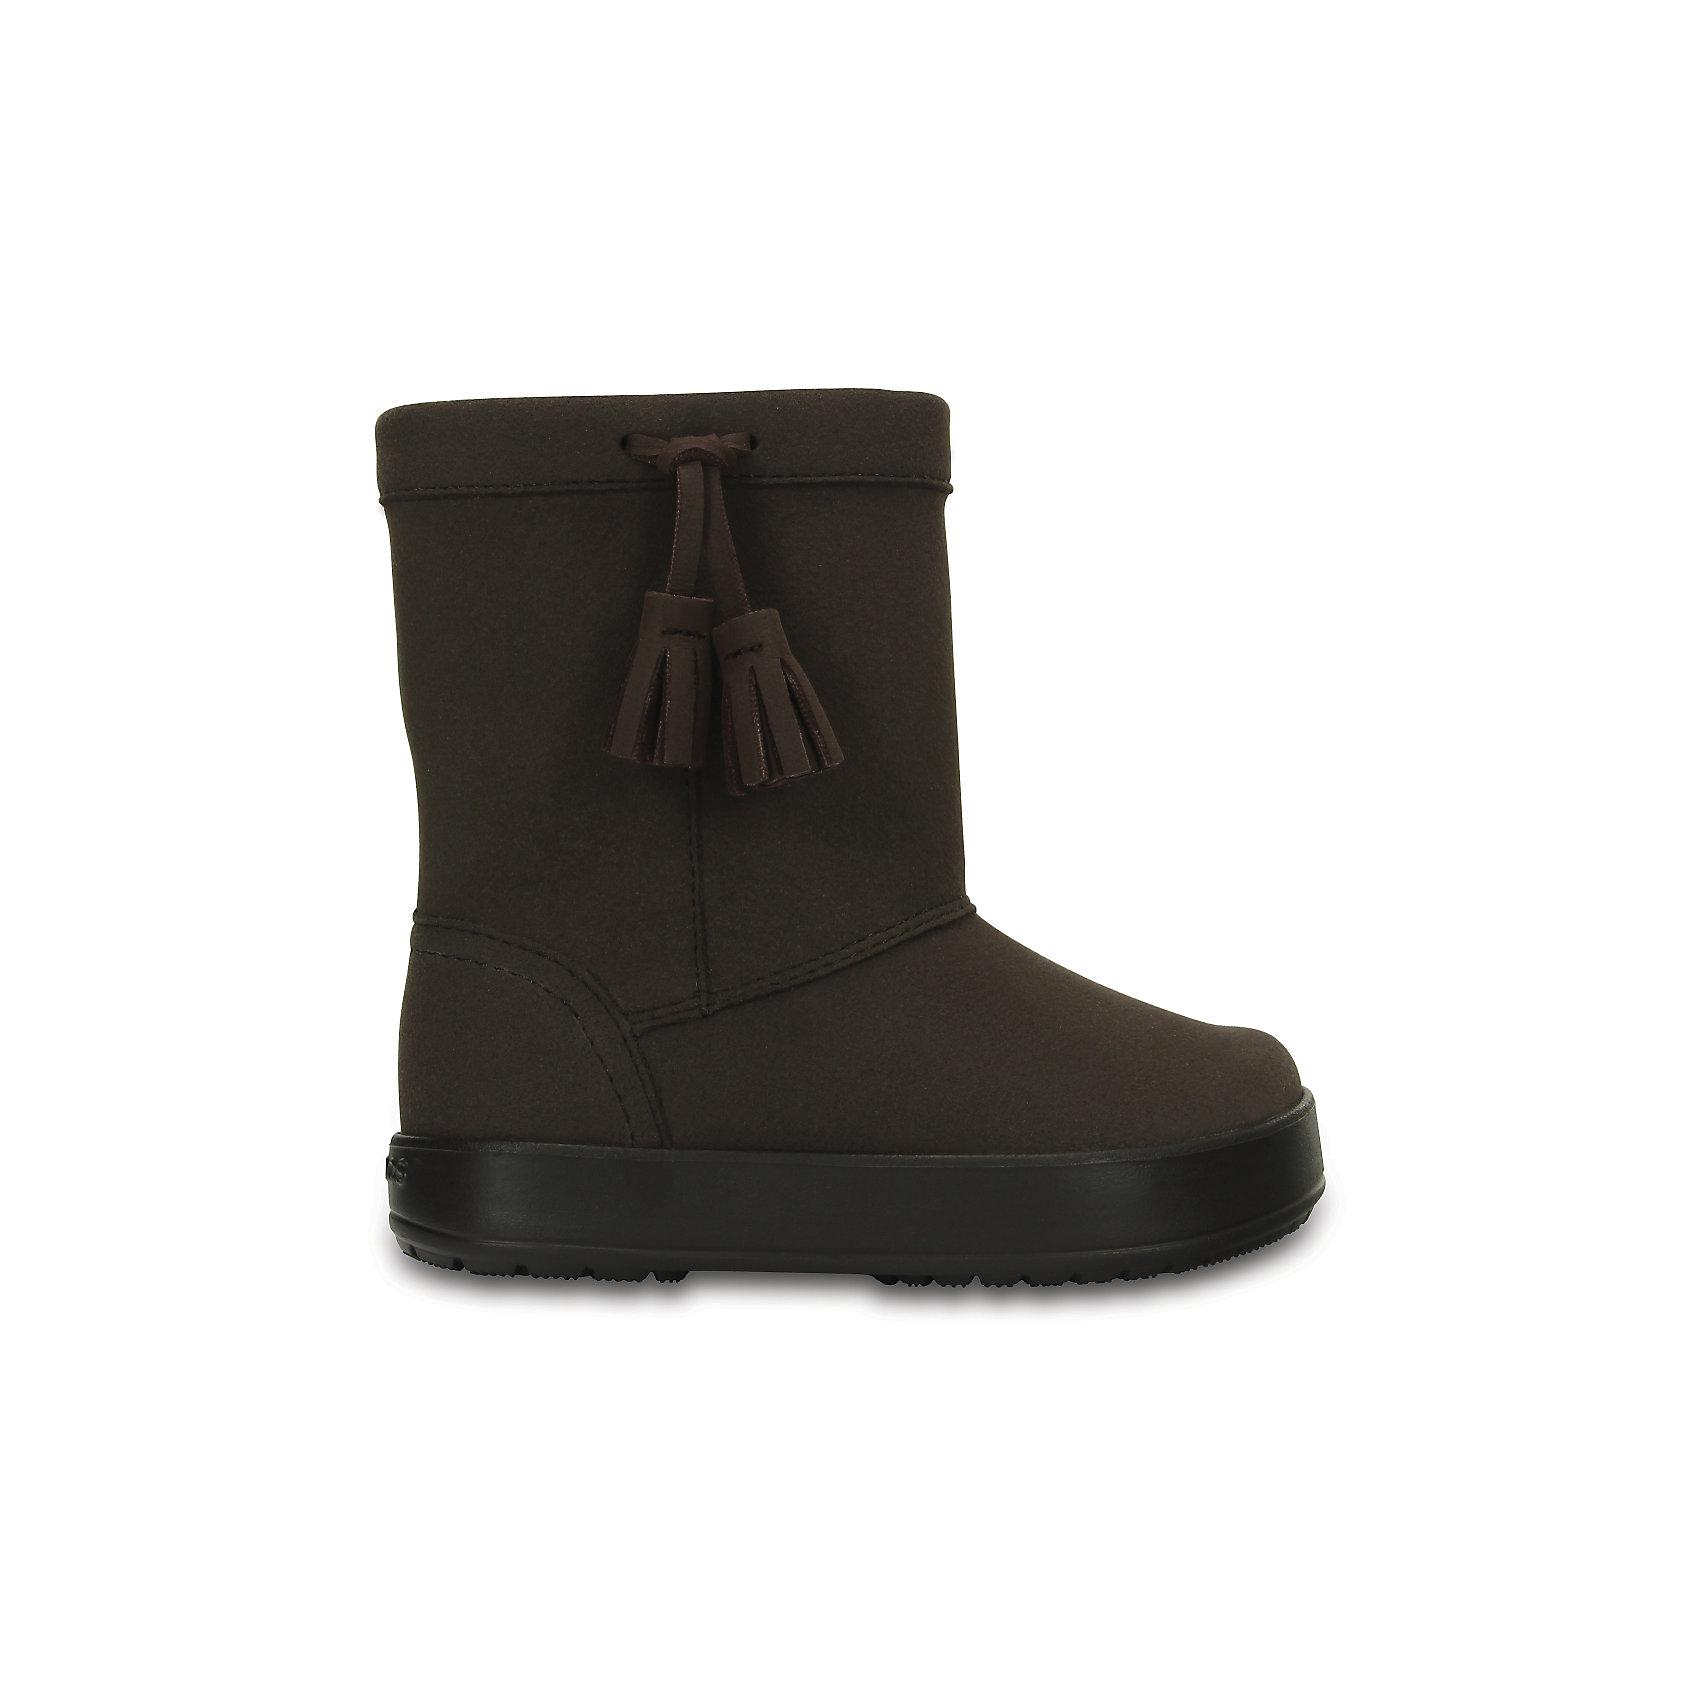 Сапоги Kids' LodgePoint Boot для девочки CROCSСапоги<br>Характеристики товара:<br><br>• цвет: коричневый<br>• материал: верх - искусственная замша, низ - термопластик<br>• материал подкладки: текстиль<br>• температурный режим: от -10° до +10° С<br>• антискользящая подошва<br>• толстая устойчивая подошва<br>• страна бренда: США<br>• страна изготовитель: Китай<br><br>Сапоги могут быть и стильными, и теплыми! Для детской обуви крайне важно, чтобы она была удобной. Такие сапоги обеспечивают детям необходимый комфорт, а теплая подкладка создает особый микроклимат. Сапоги легко надеваются и снимаются, отлично сидят на ноге. Модель очень легкая и устойчивая.<br>Обувь от американского бренда Crocs в данный момент завоевала широкую популярность во всем мире, и это не удивительно - ведь она невероятно удобна. Её носят врачи, спортсмены, звёзды шоу-бизнеса, люди, которым много времени приходится бывать на ногах - они понимают, как важна комфортная обувь. Продукция Crocs - это качественные товары, созданные с применением новейших технологий. Обувь отличается стильным дизайном и продуманной конструкцией. Изделие производится из качественных и проверенных материалов, которые безопасны для детей.<br><br>Сапоги для девочки от торговой марки Crocs можно купить в нашем интернет-магазине.<br><br>Ширина мм: 257<br>Глубина мм: 180<br>Высота мм: 130<br>Вес г: 420<br>Цвет: коричневый<br>Возраст от месяцев: 48<br>Возраст до месяцев: 60<br>Пол: Женский<br>Возраст: Детский<br>Размер: 30,23,24,25,26,31/32,33/34,28,34/35,27,29<br>SKU: 5027433